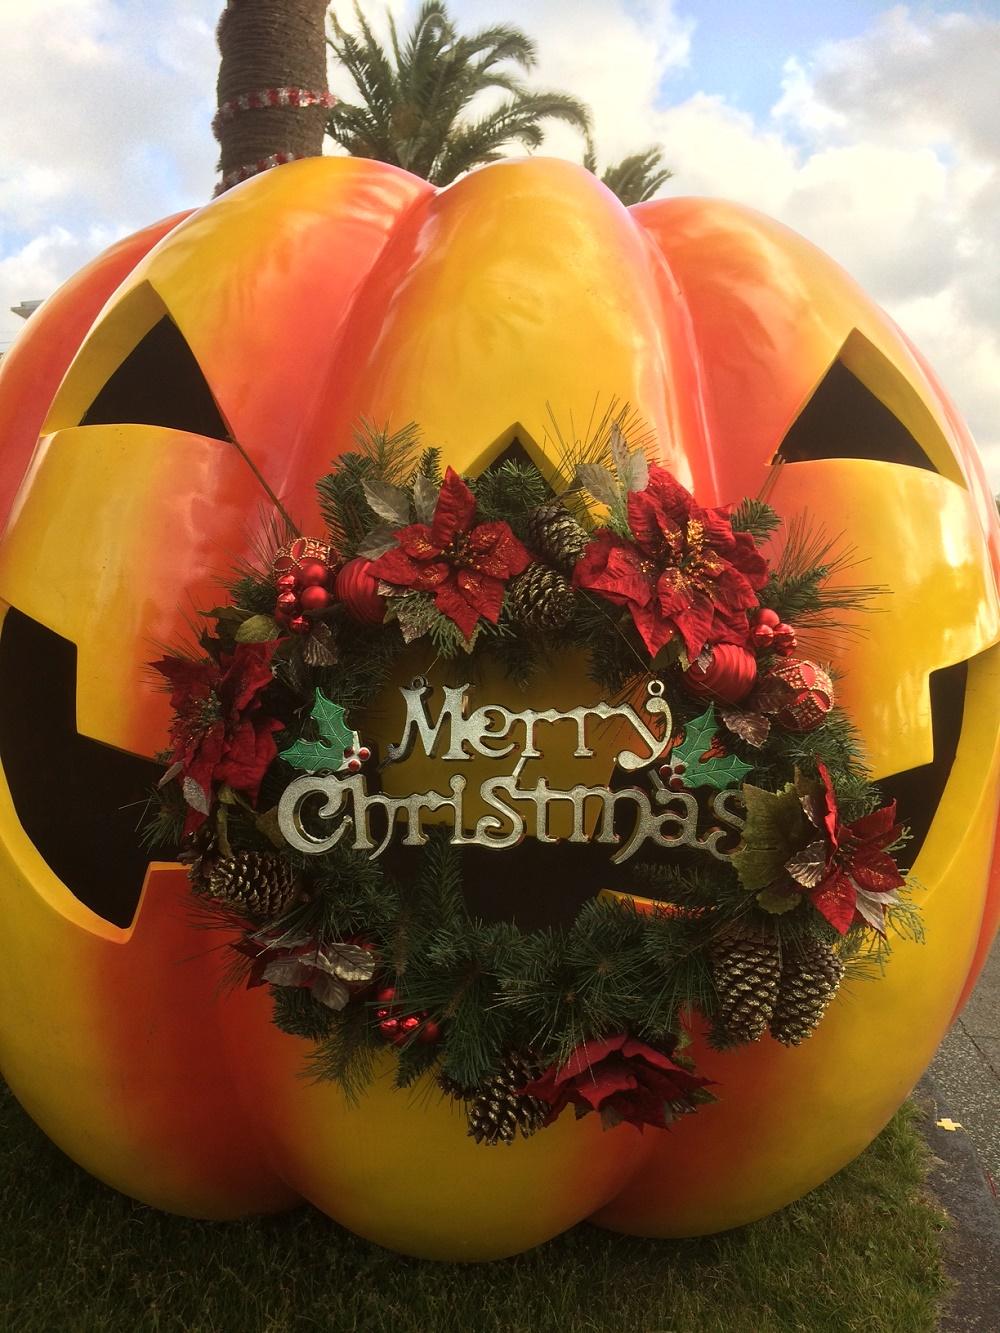 ハロウィン&クリスマスのコラボレーション